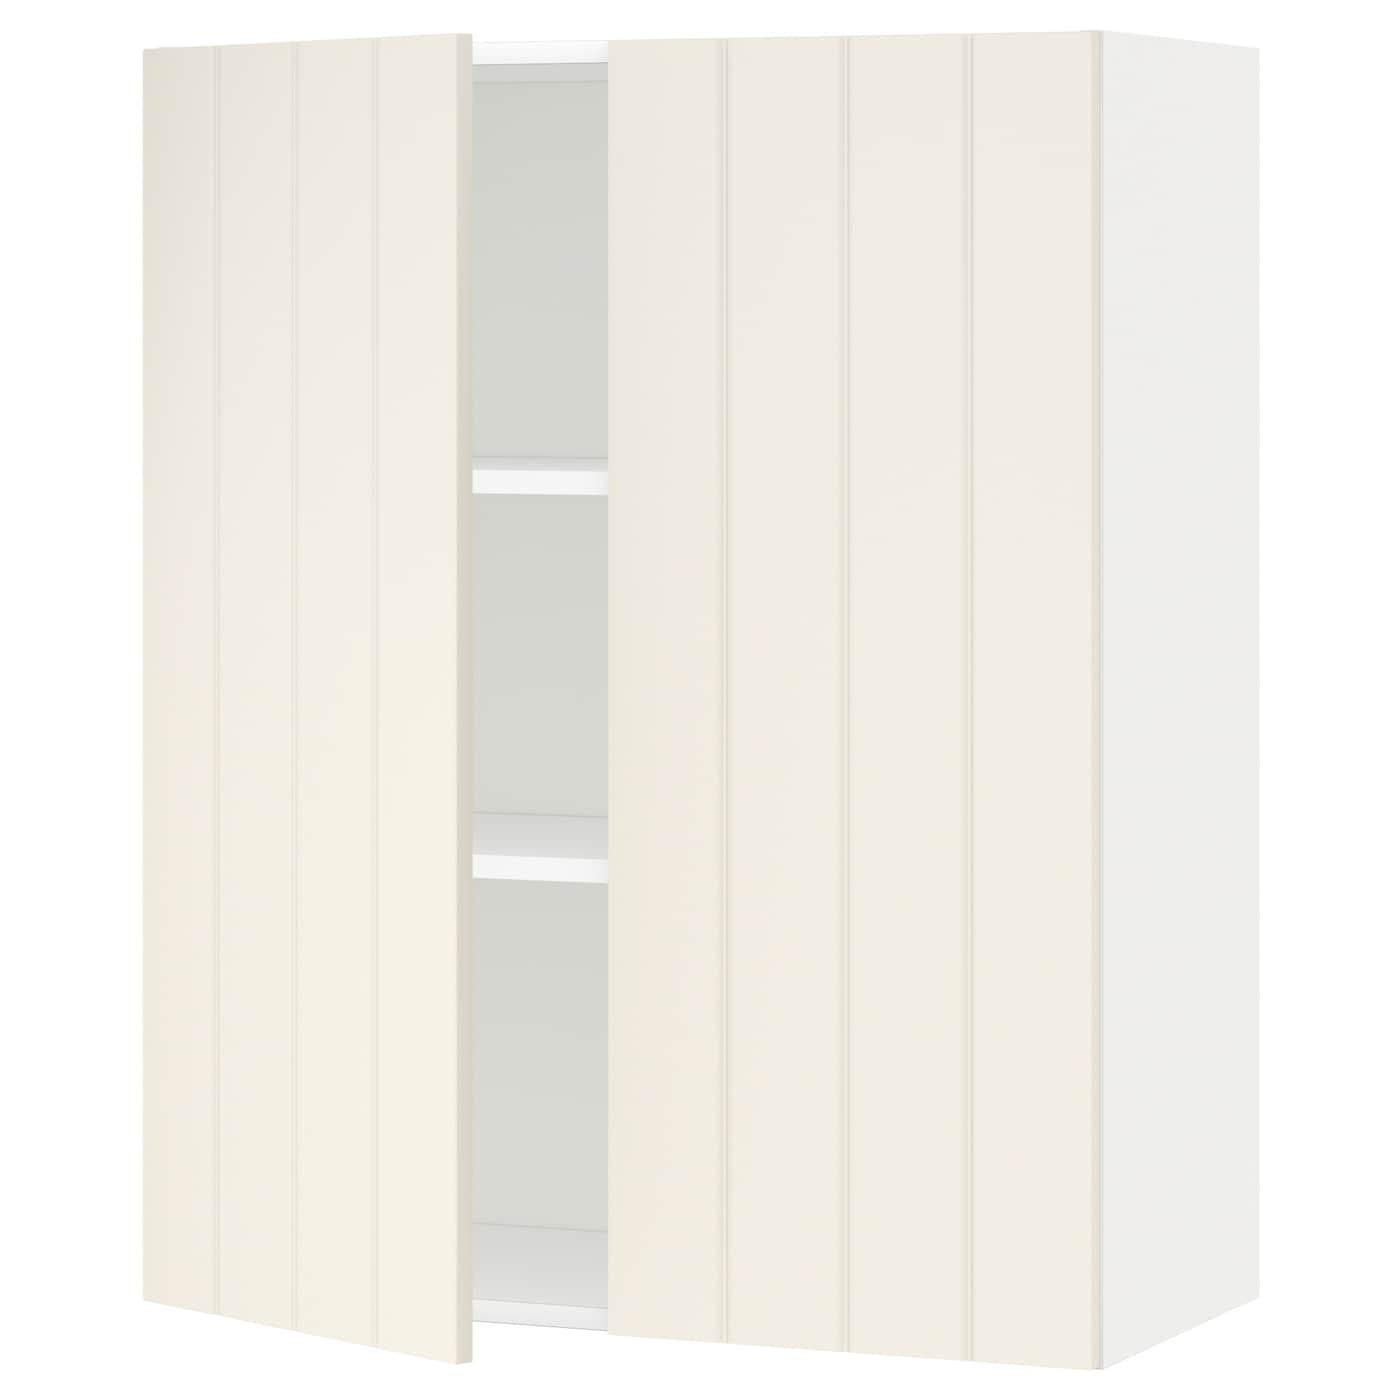 Metod armario de pared cocina con baldas blanco hittarp hueso 80 x 100 cm ikea - Armarios de cocina ikea ...